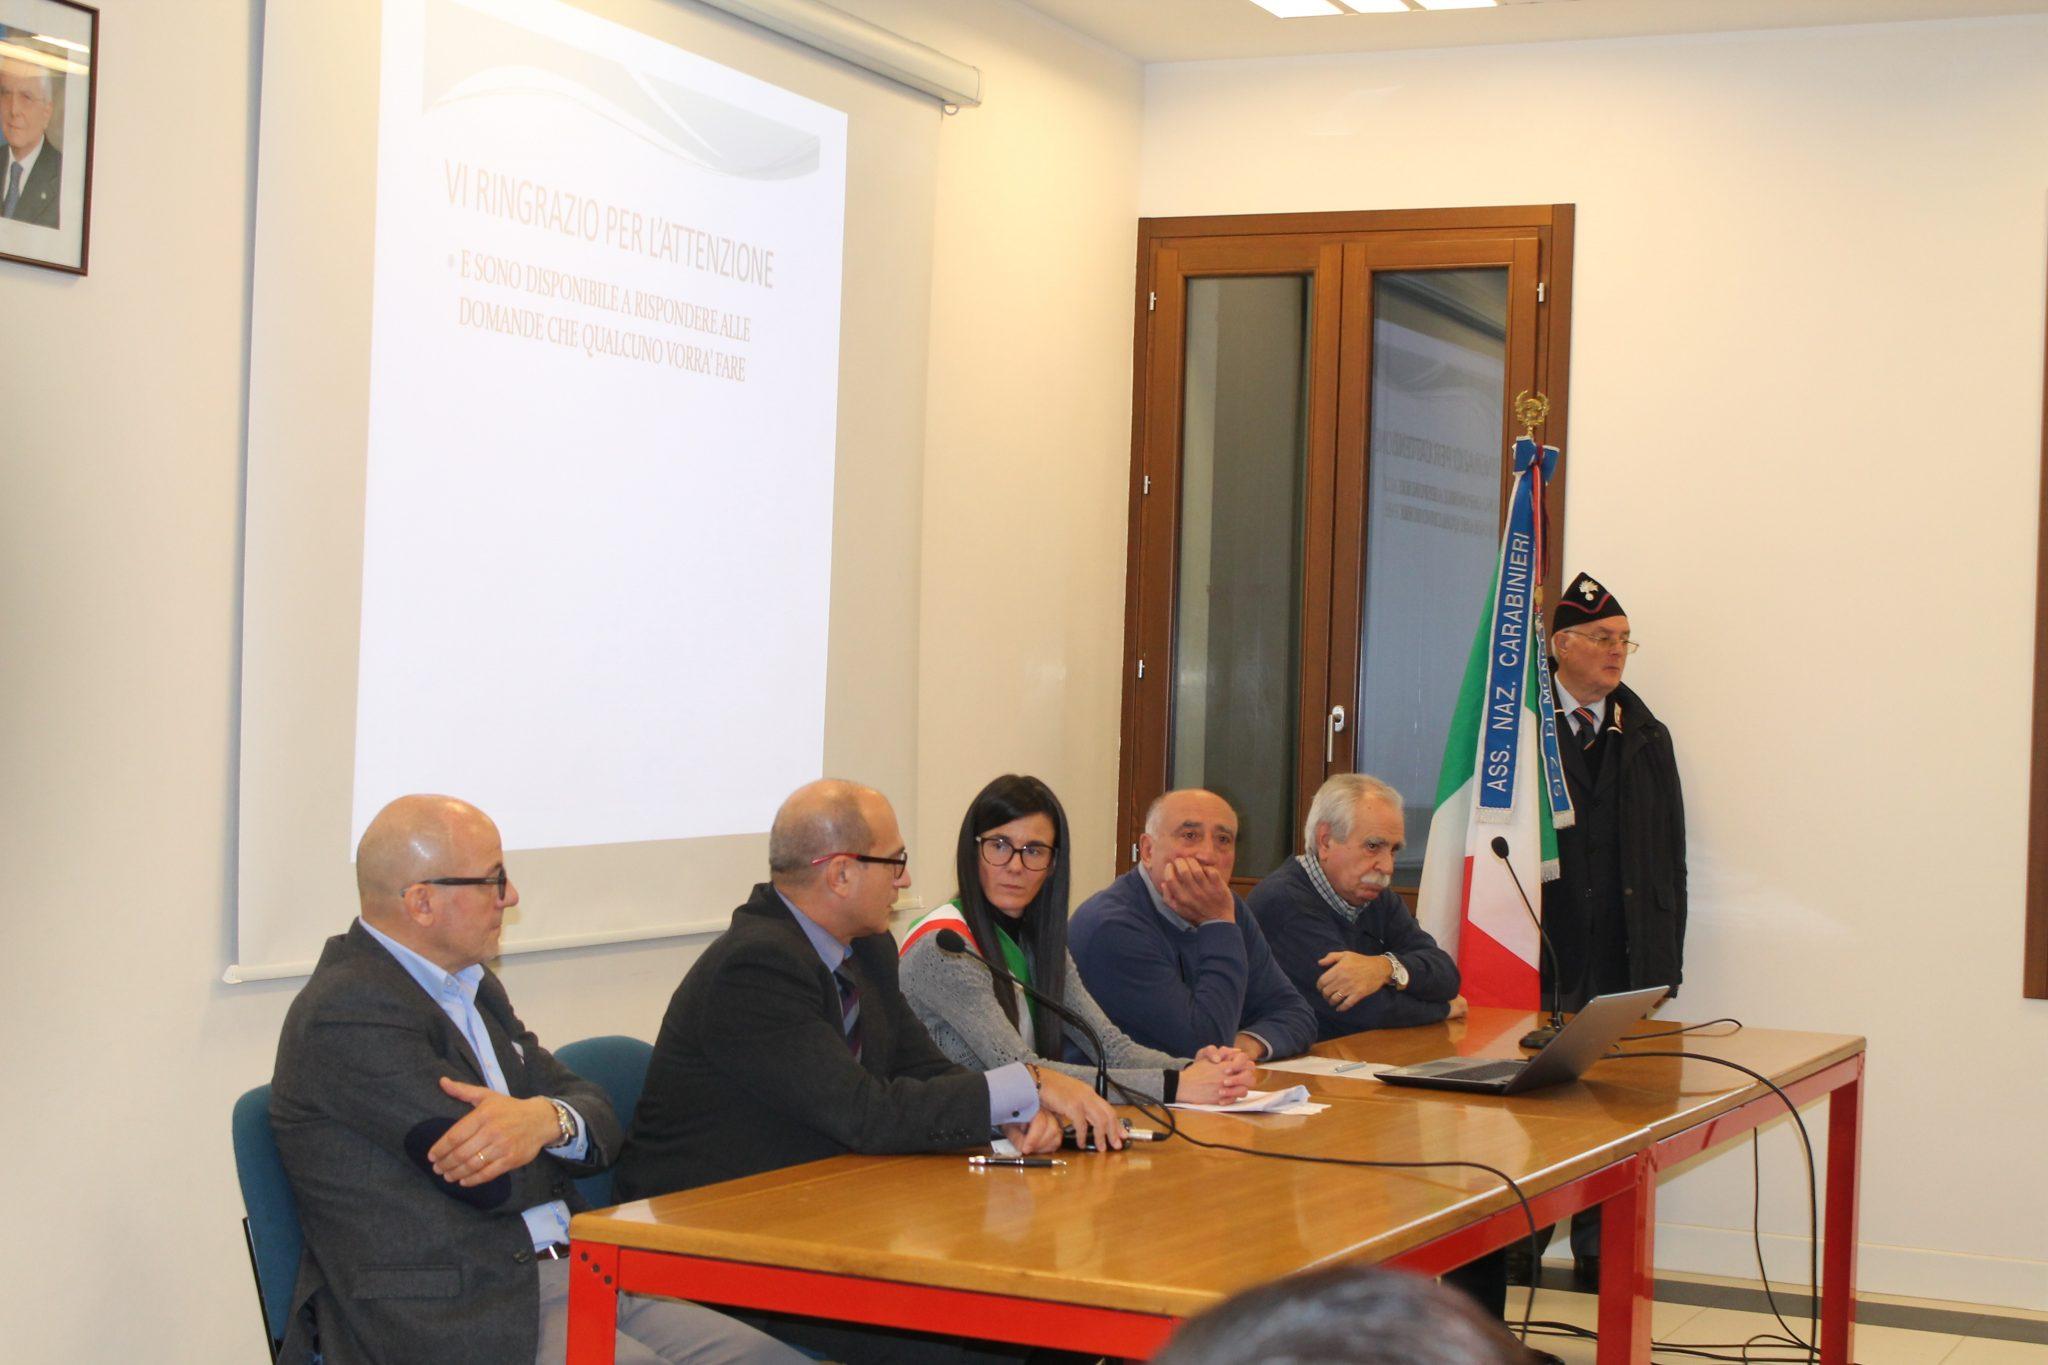 Conferenza Stampa di inaugurazione nuovo ambulatorio a Pozzonovo